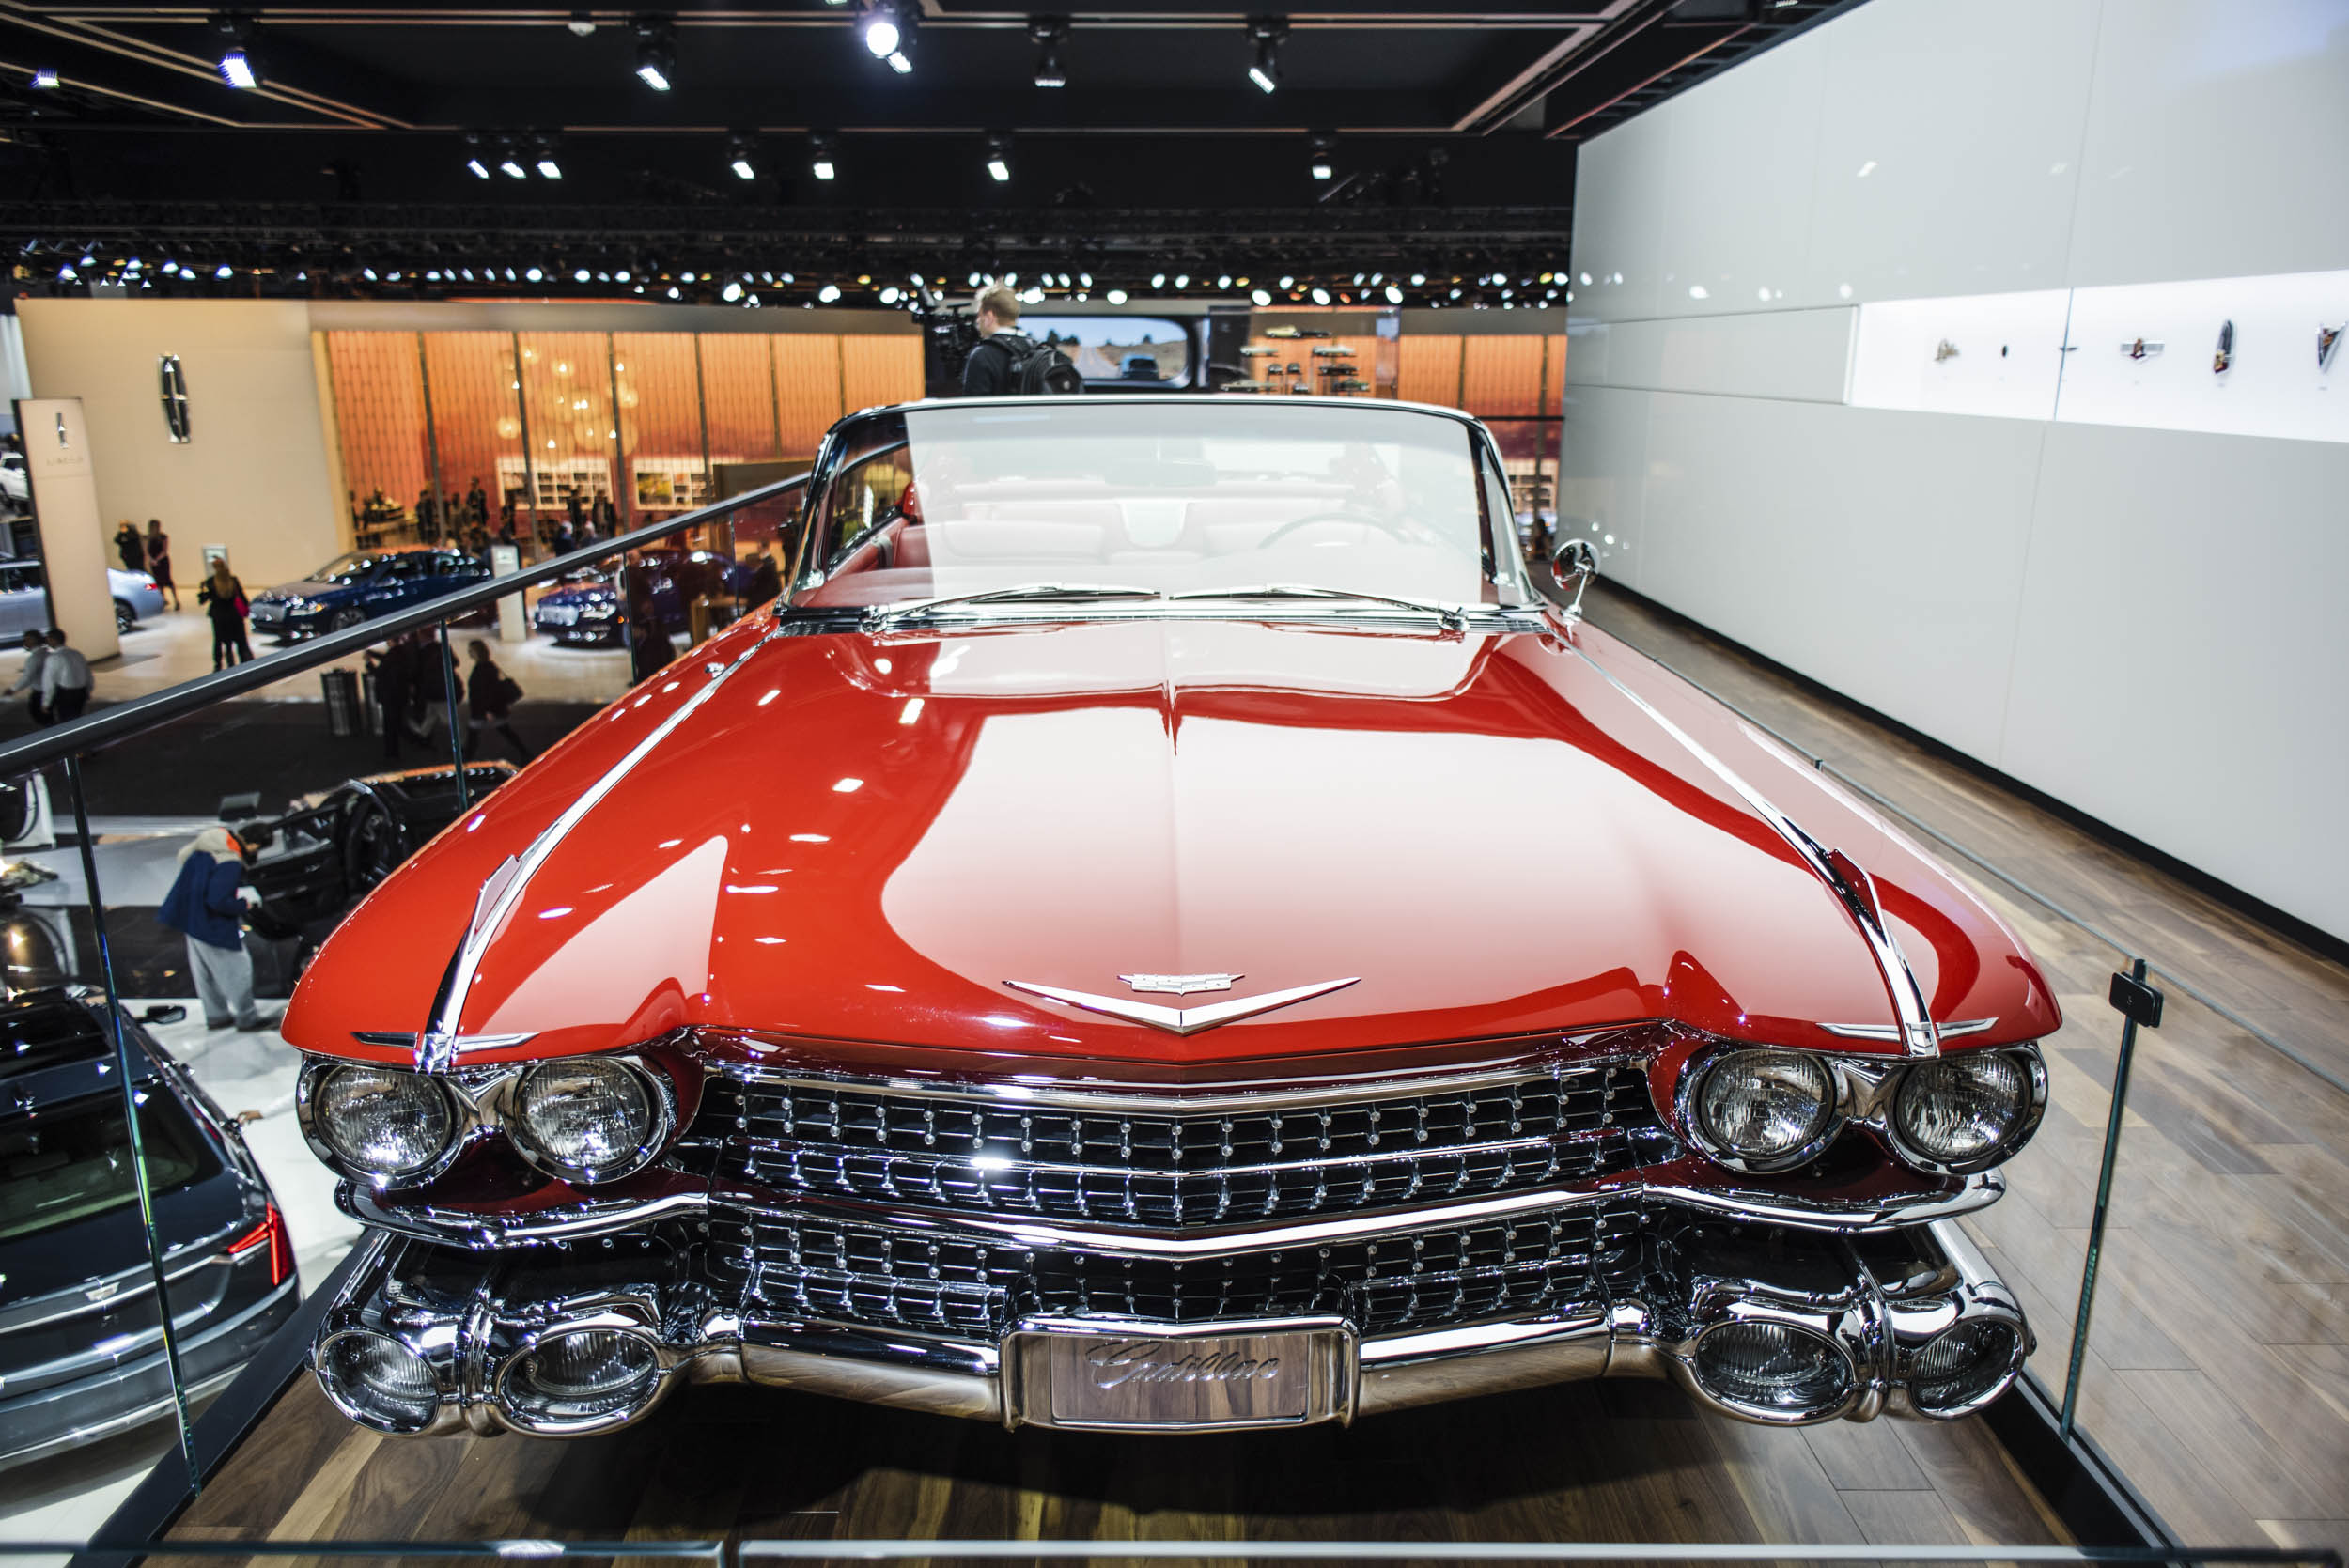 1959 Cadillac Eldorado front